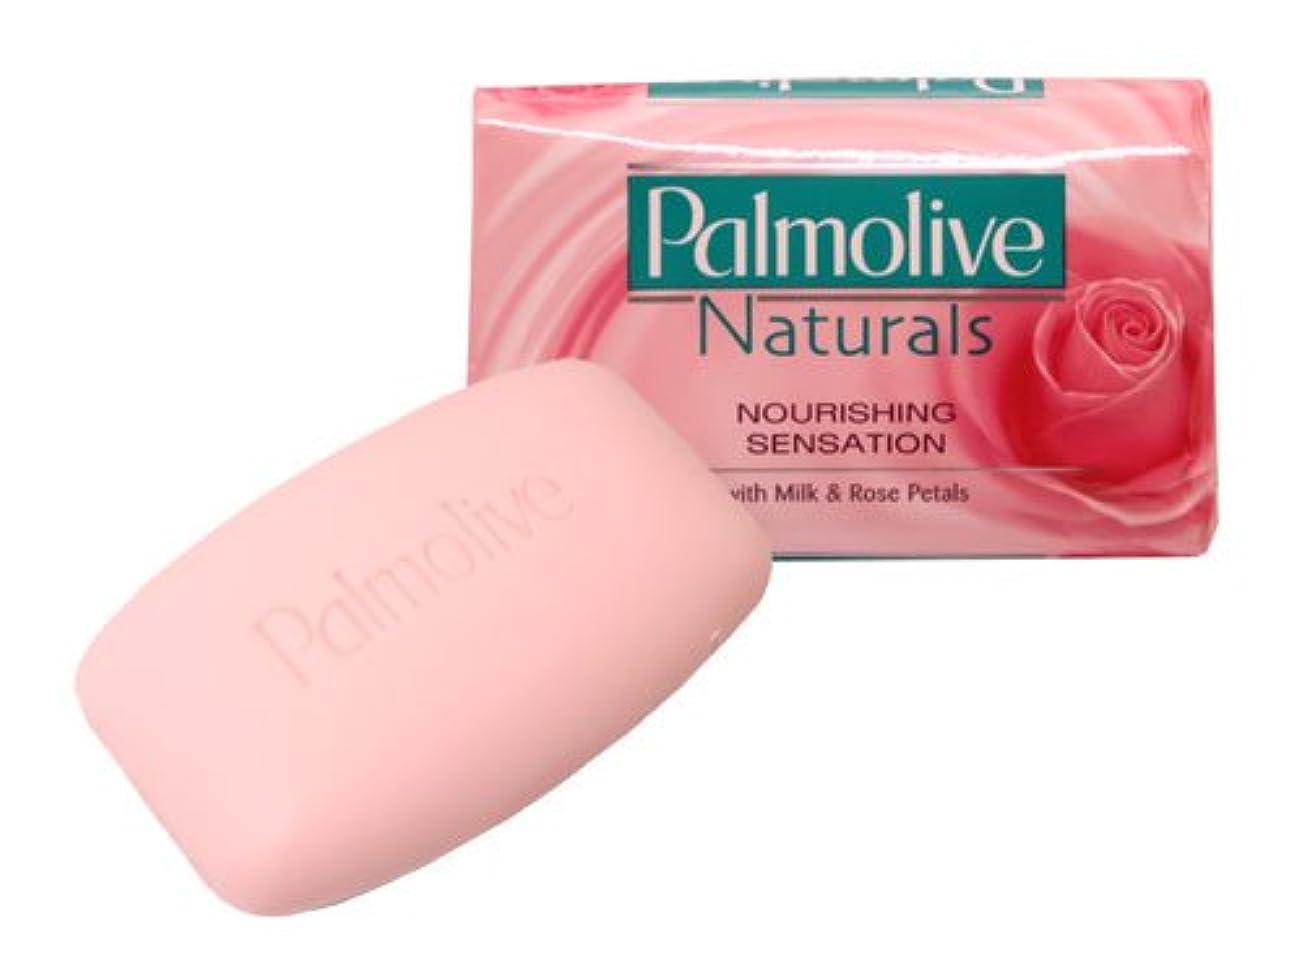 ズームインする敬大胆な【Palmolive】パルモリーブ ナチュラルズ石鹸3個パック(ミルク&ローズ)